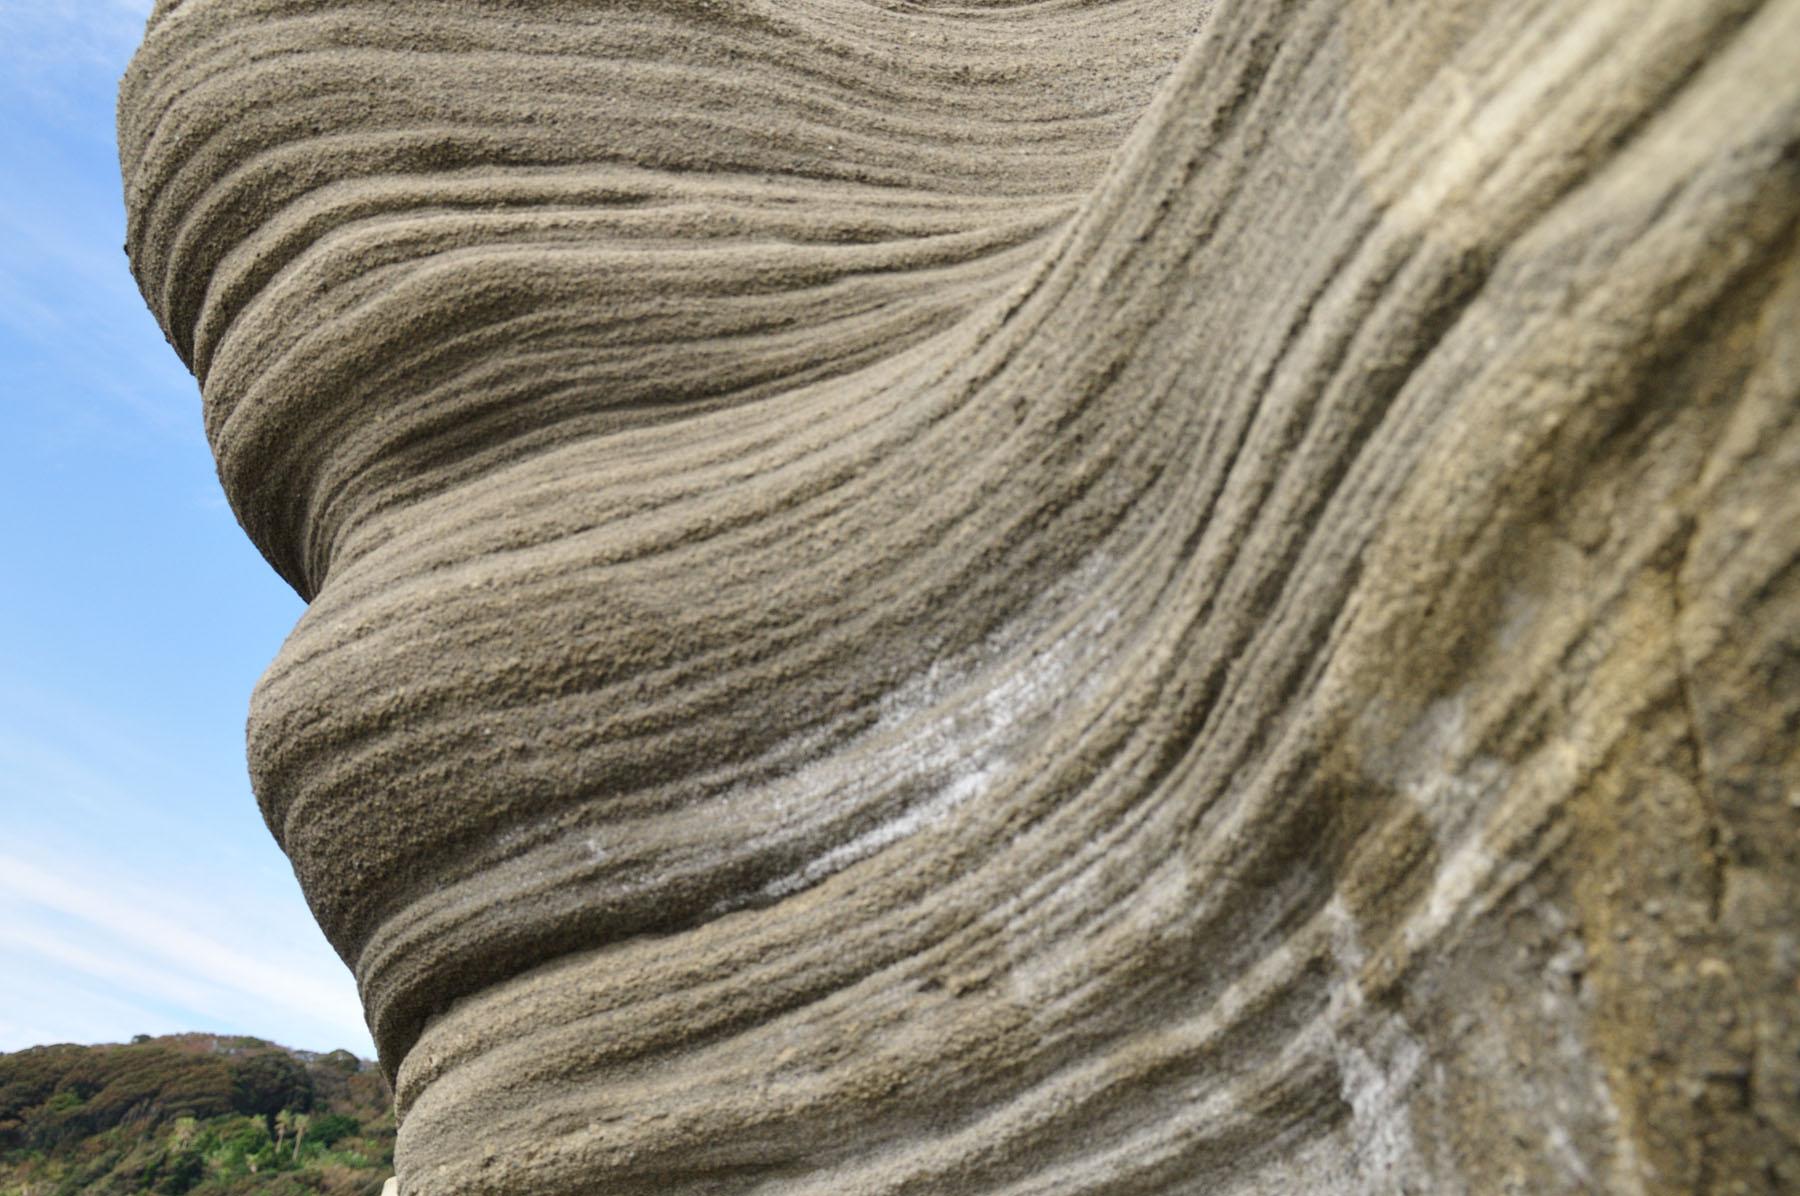 恵比須島の凝灰岩層 CC BY-SA